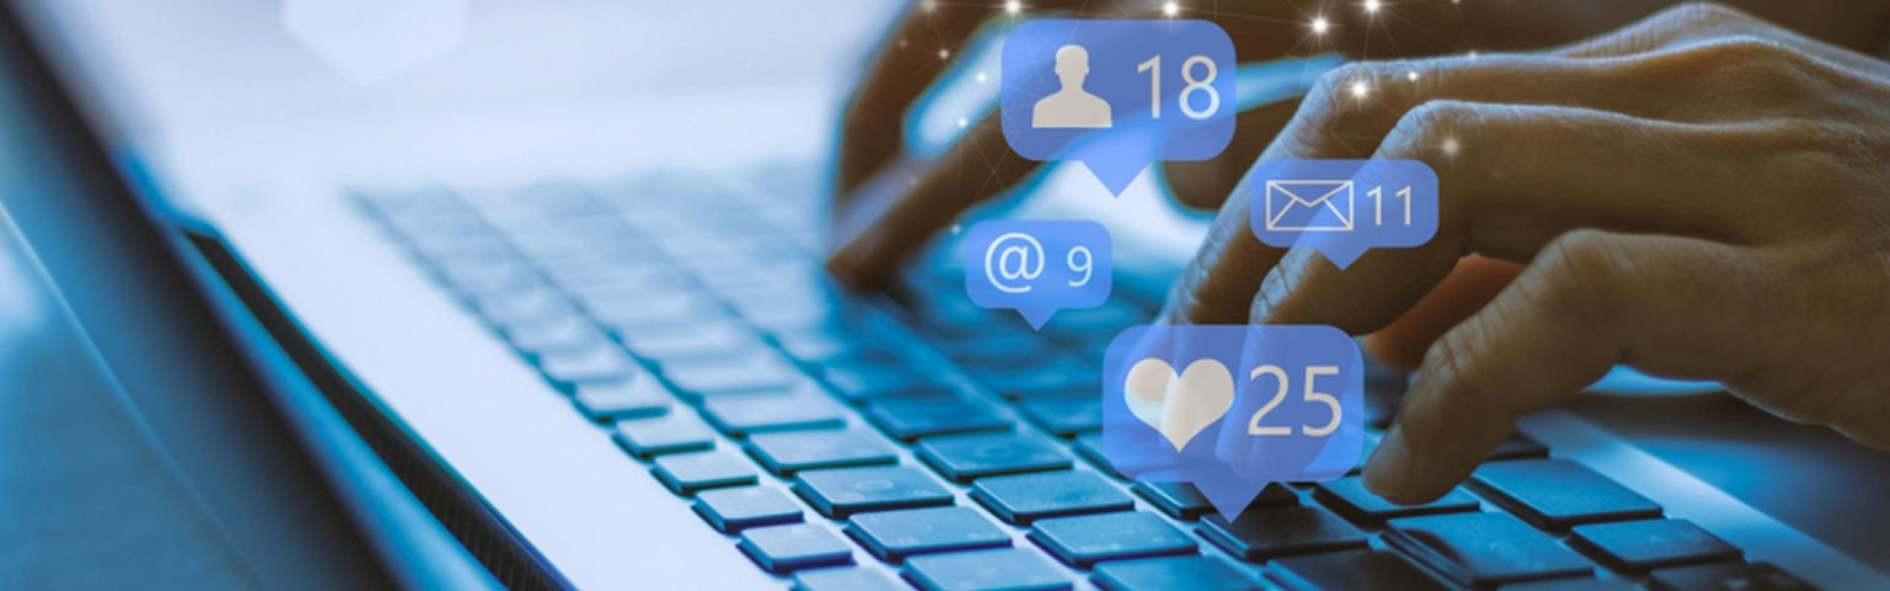 Conoce los diferentes tipos de marketing digital más utilizados actualmente